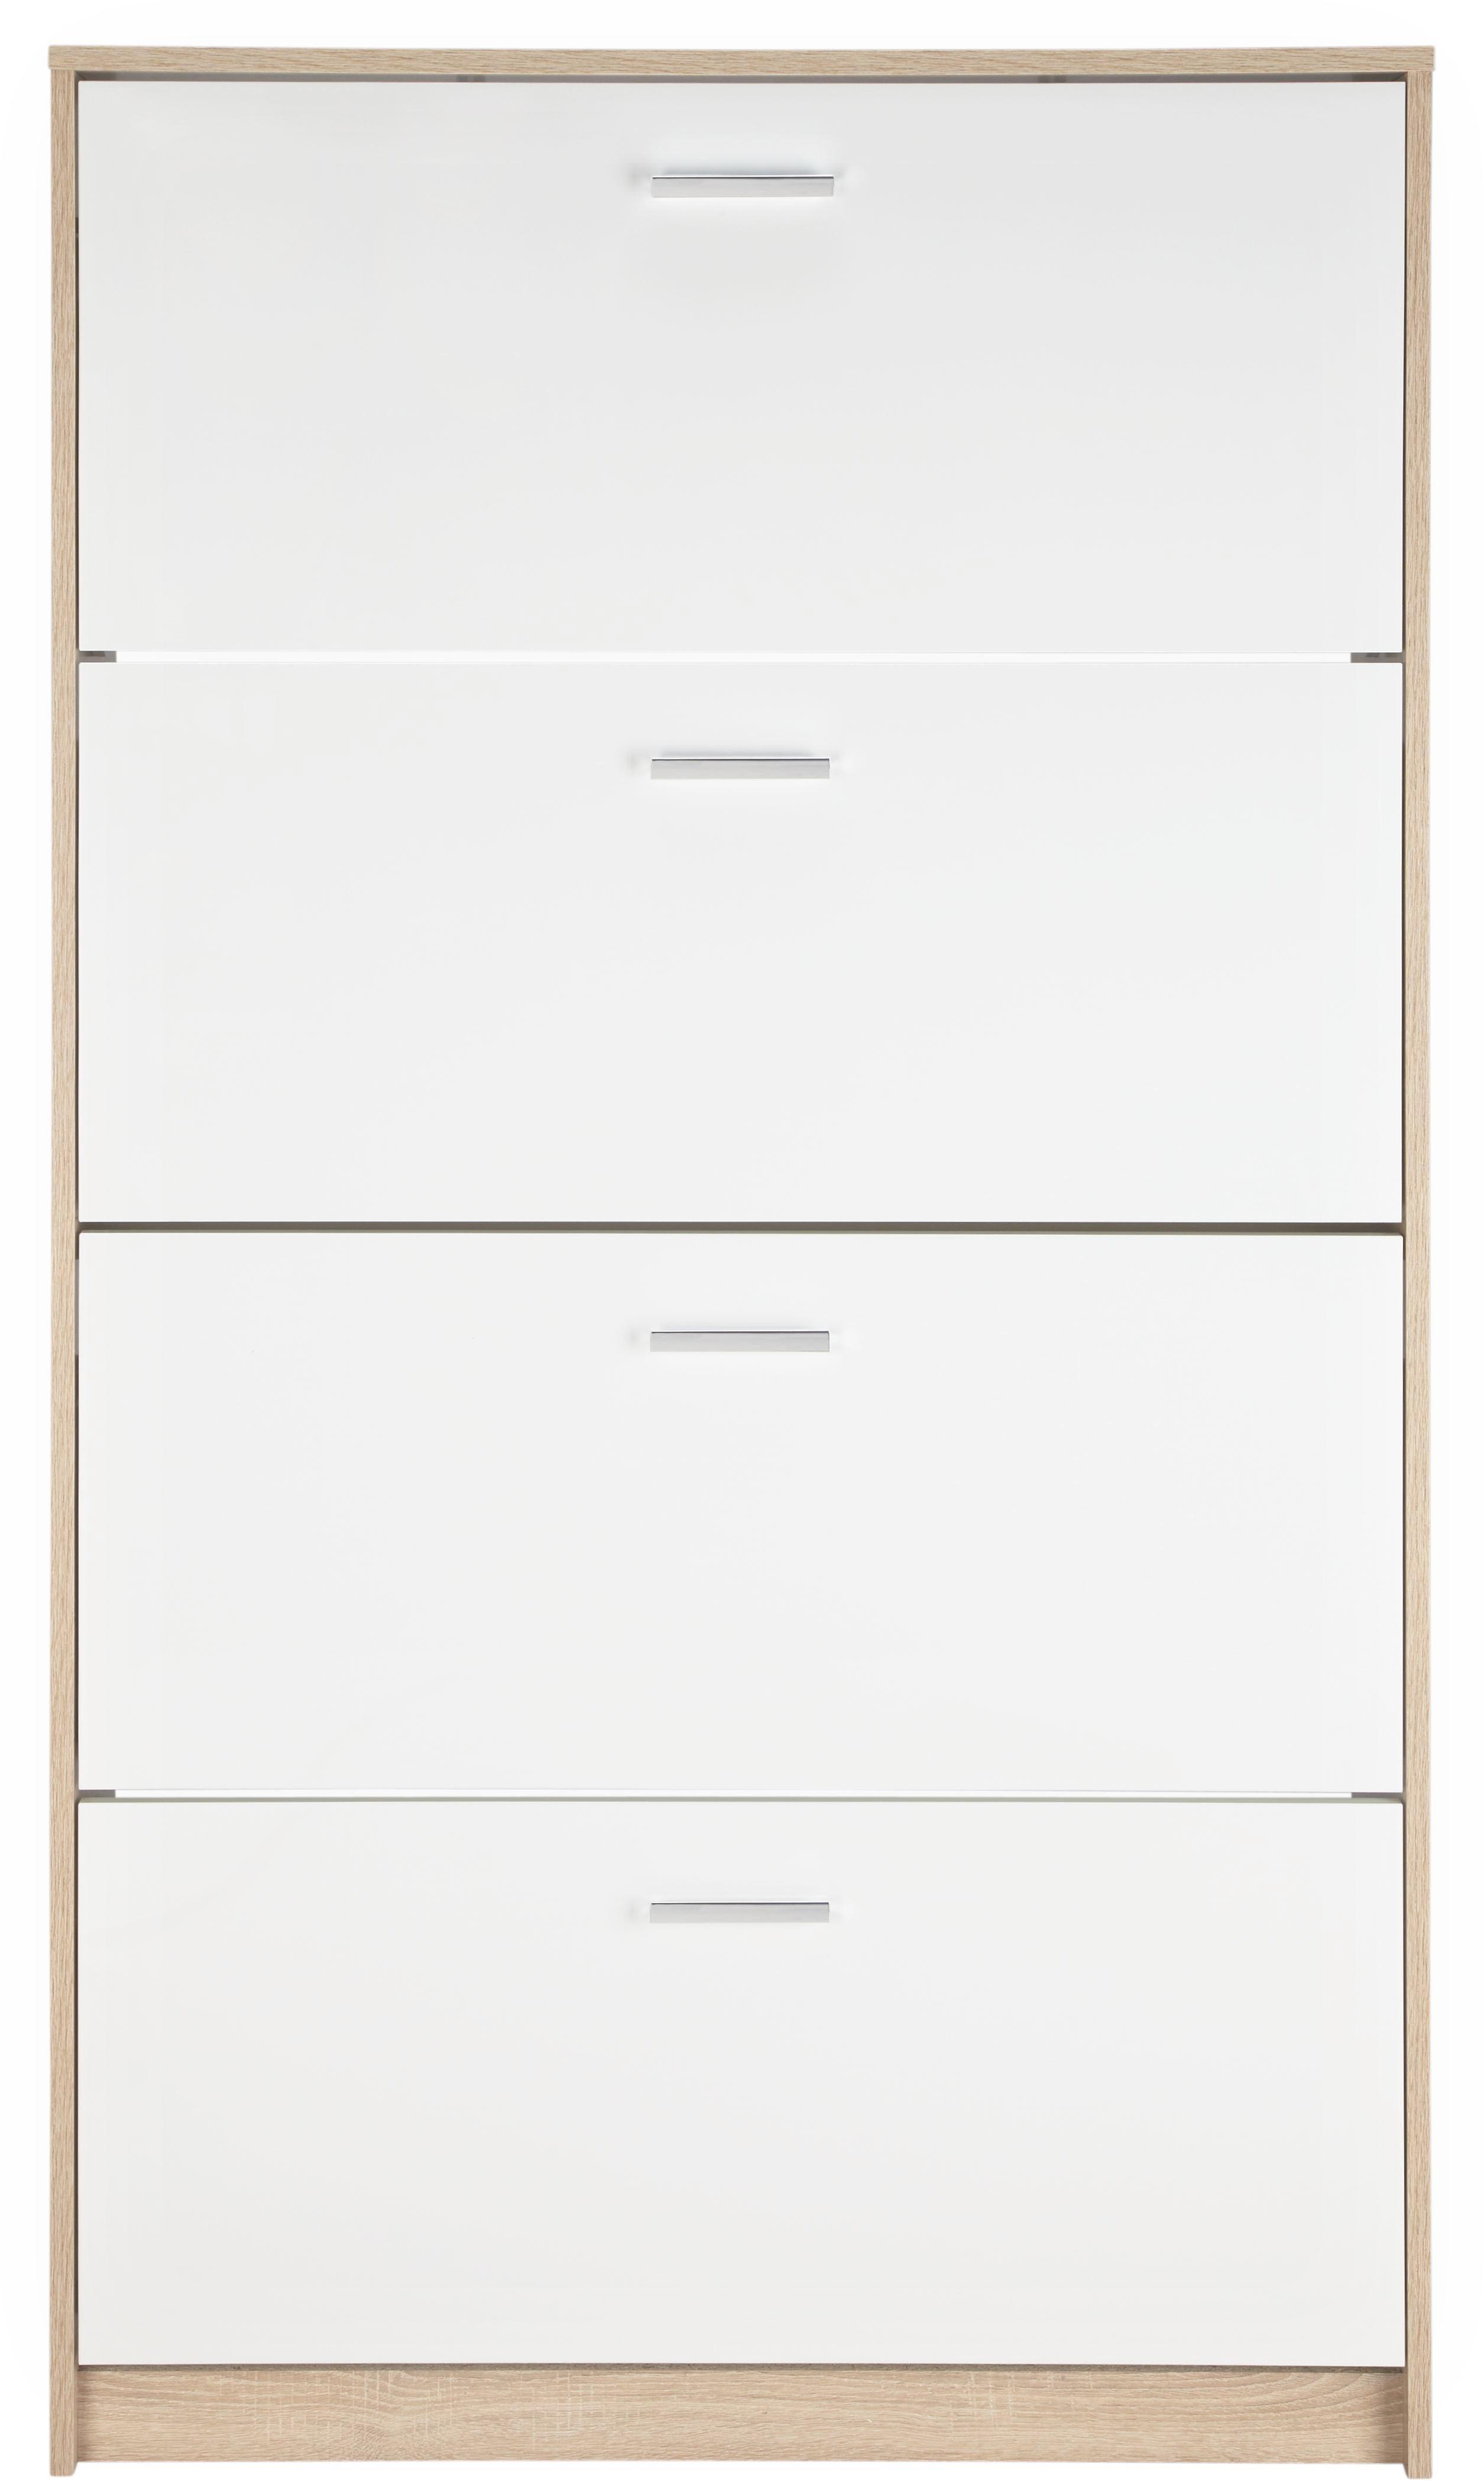 Schuhschrank in Eiche/Weiß - Chromfarben/Eichefarben, MODERN, Holzwerkstoff/Kunststoff (93/162/25cm) - MÖMAX modern living